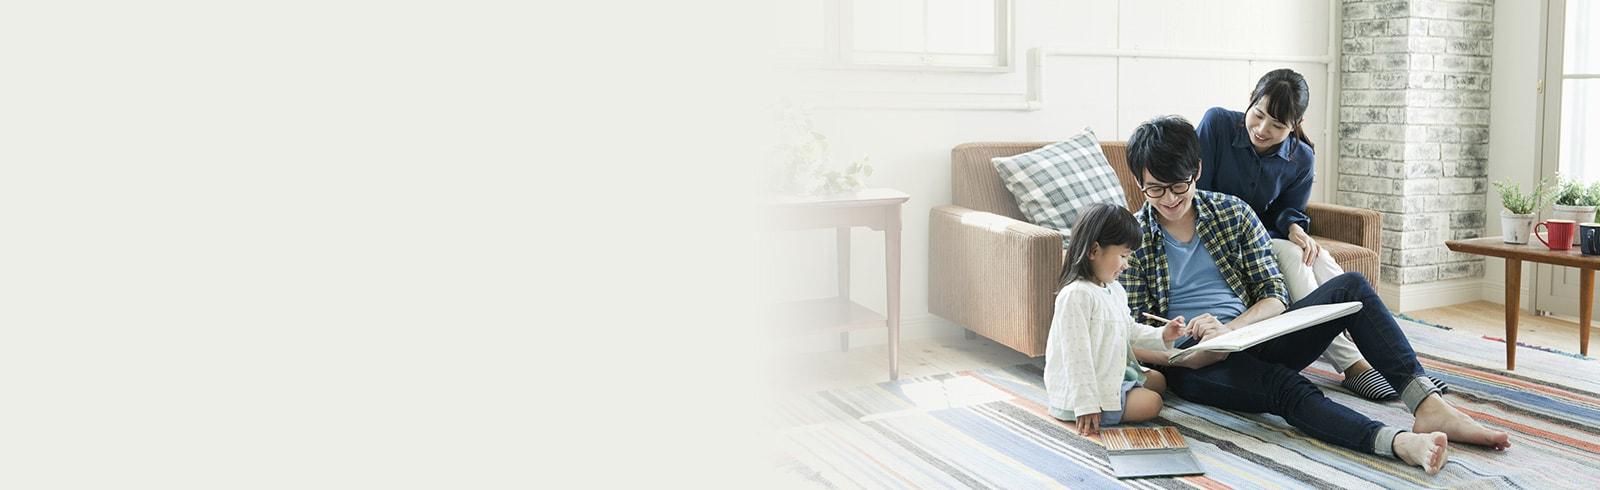 Hk home visual